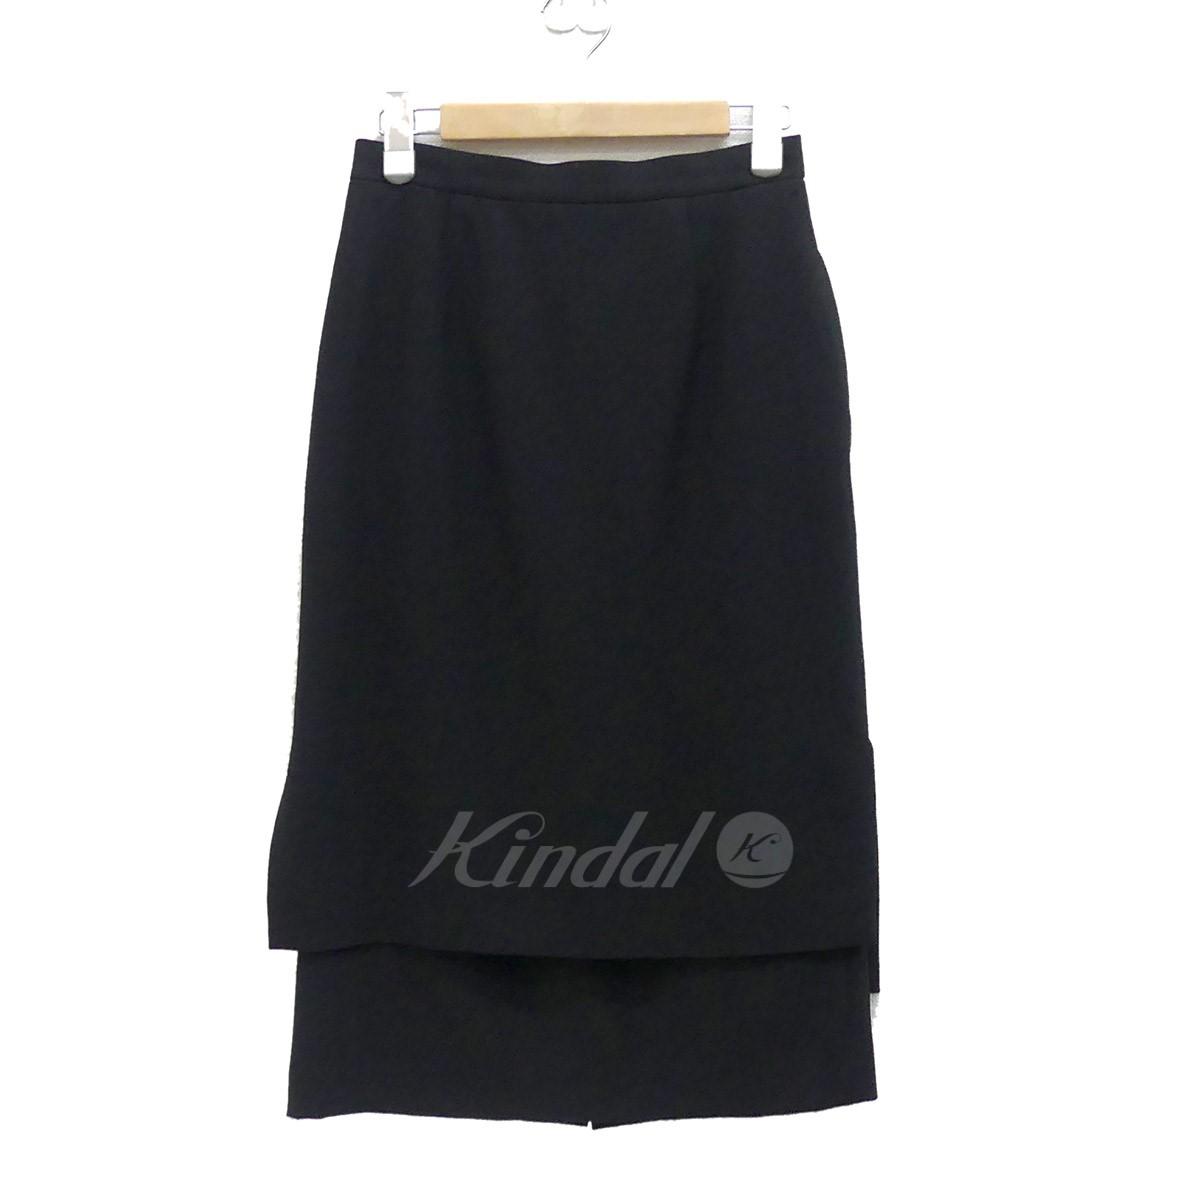 【10月15日 お値段見直しました】【中古】ENFOLD2015AW サイドスリット フェイクレイヤードスカート ブラック サイズ:36 【送料無料】